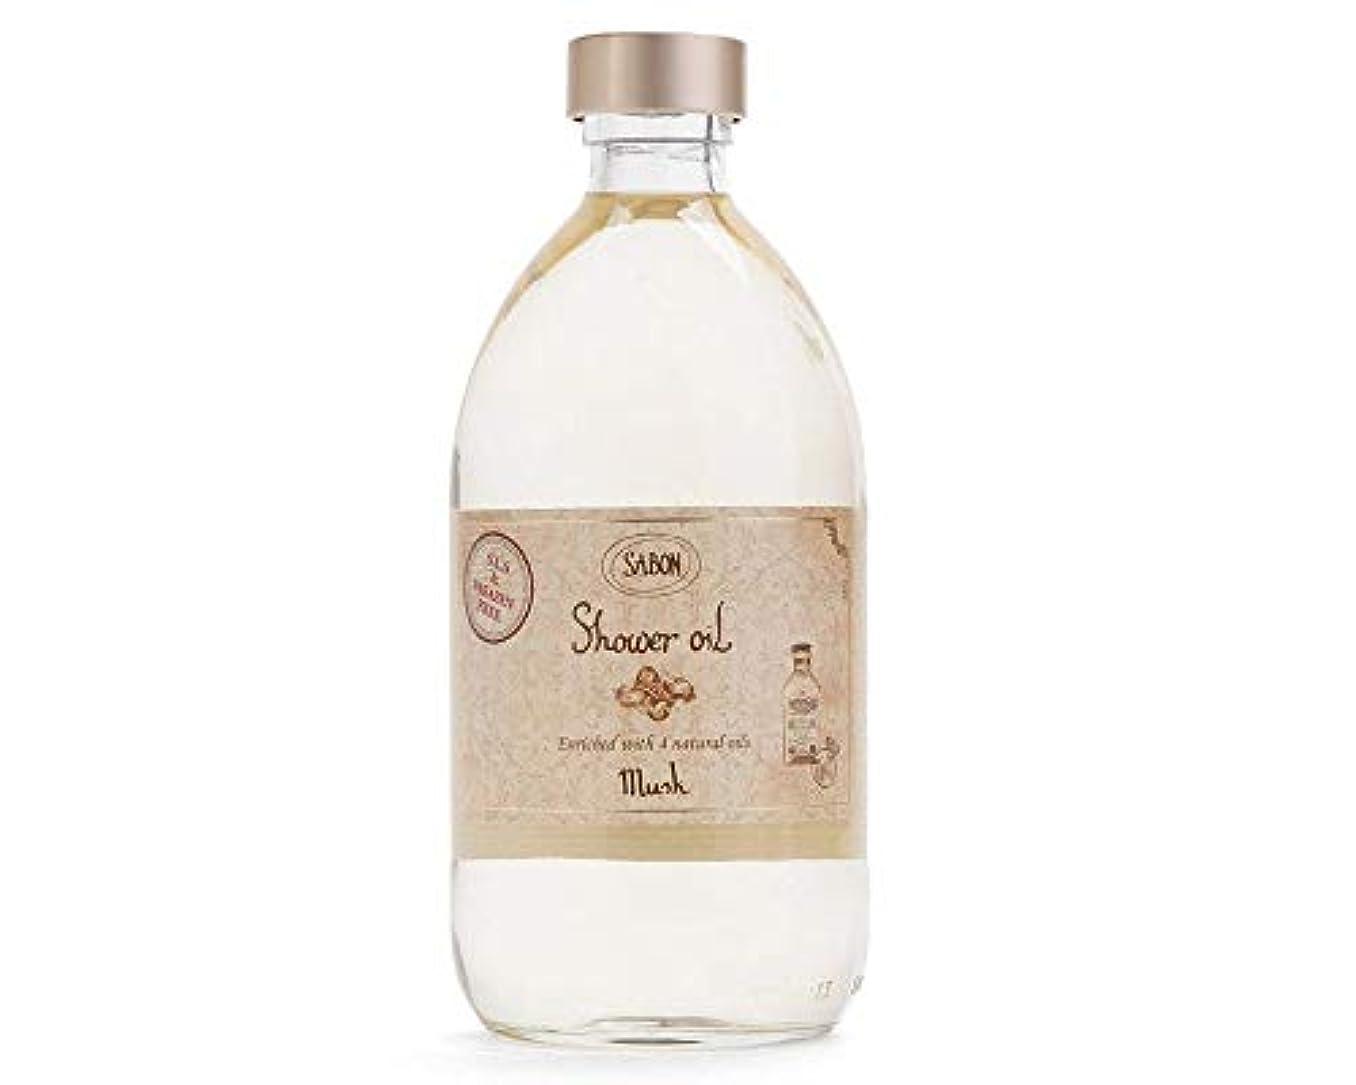 過ち範囲統計的サボン SABON シャワーオイル ムスク 500ml ボディケア 保湿 潤い (香水/コスメ)